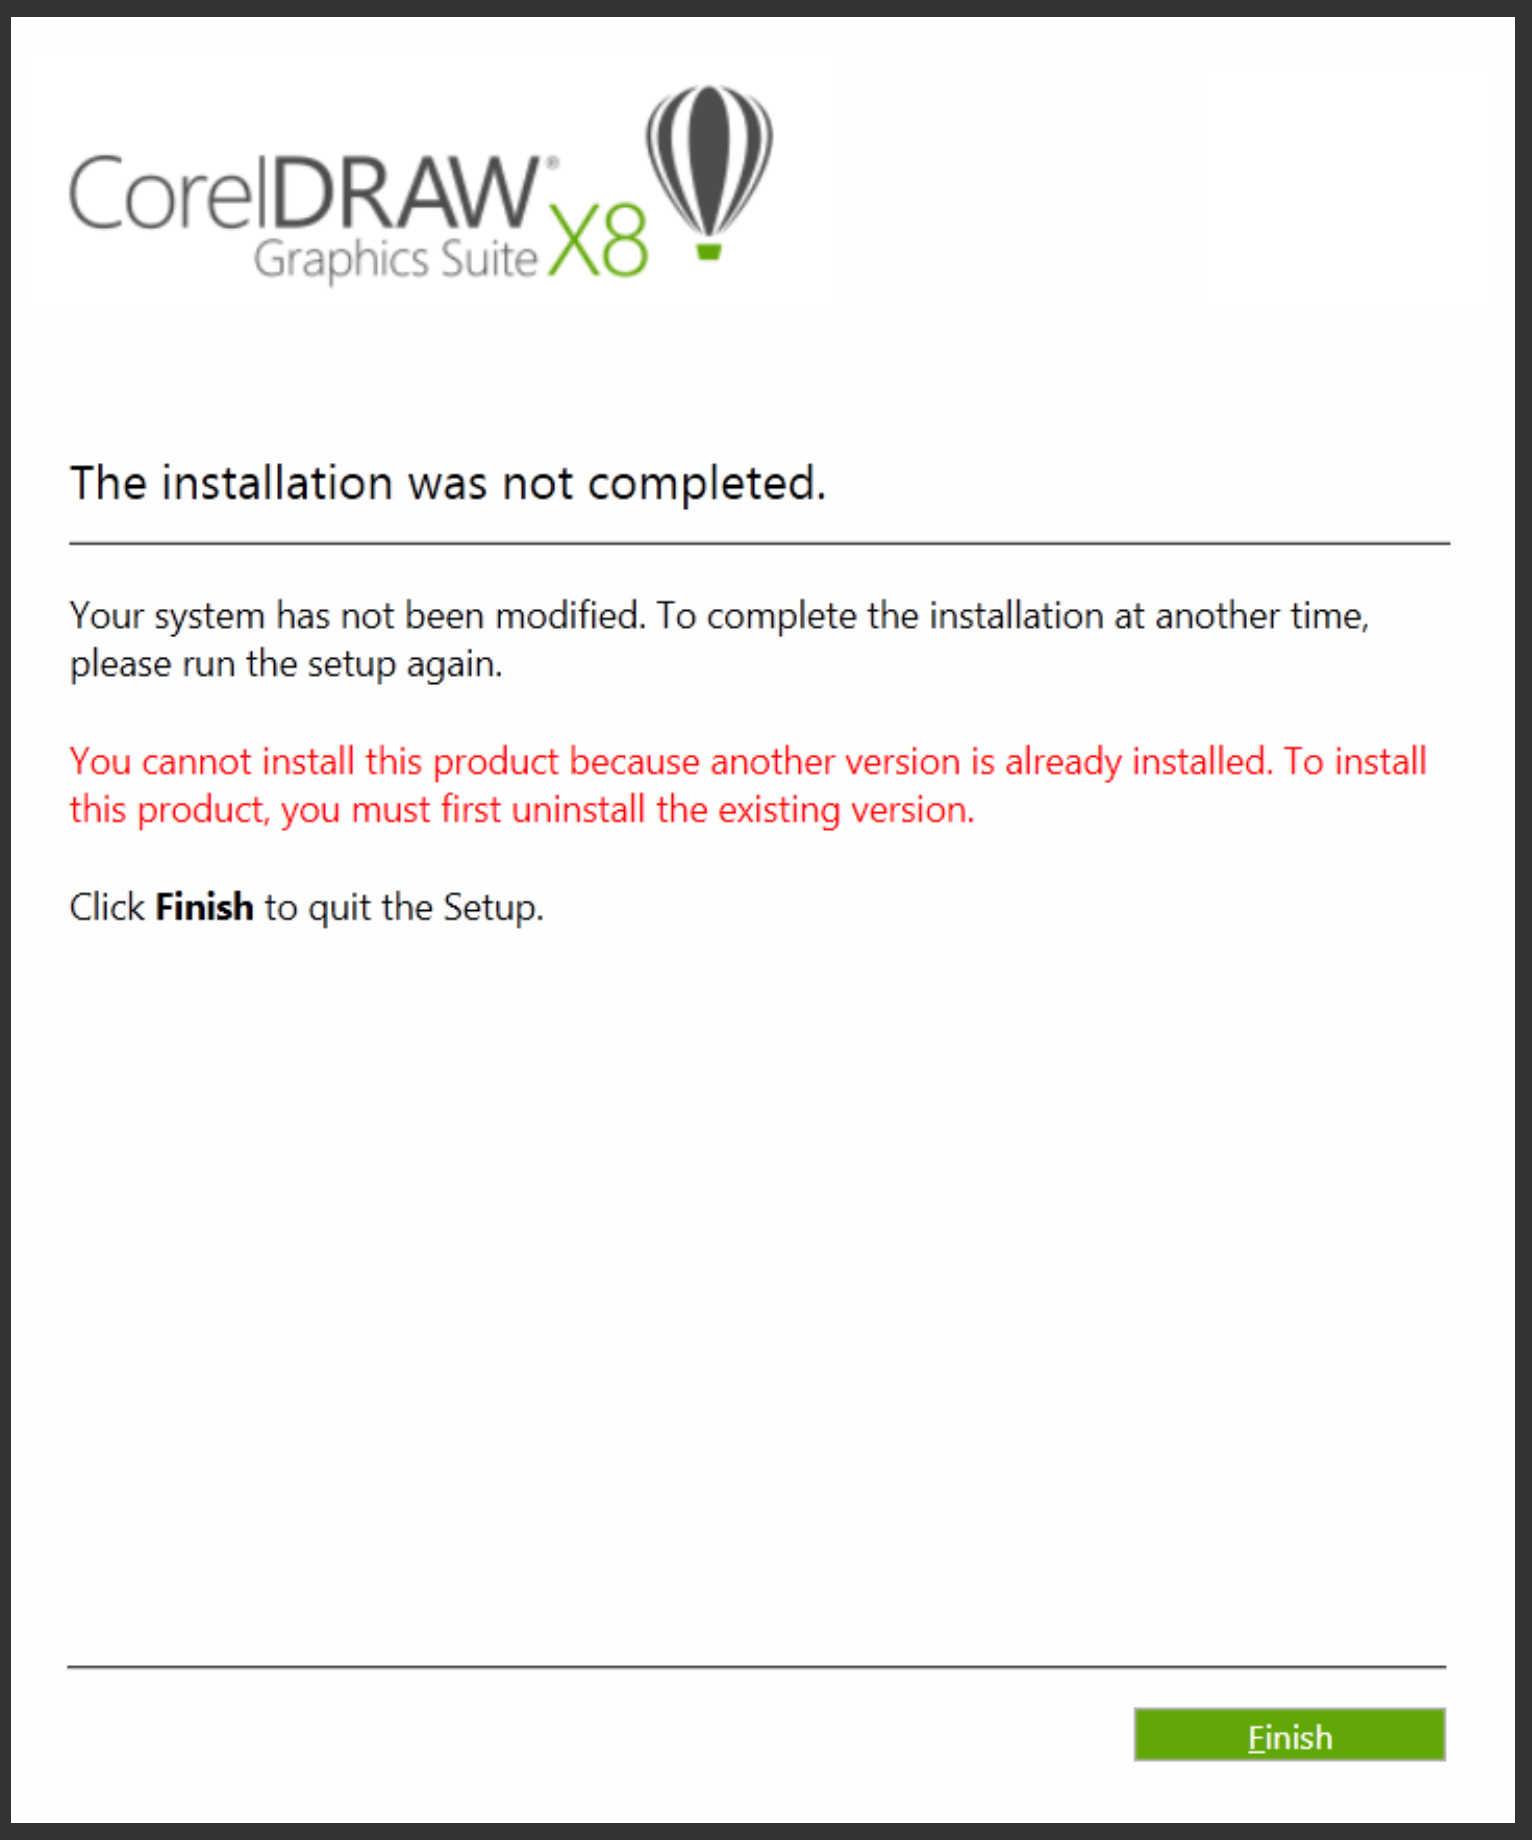 lỗi không cài đặt được CorelDRAW